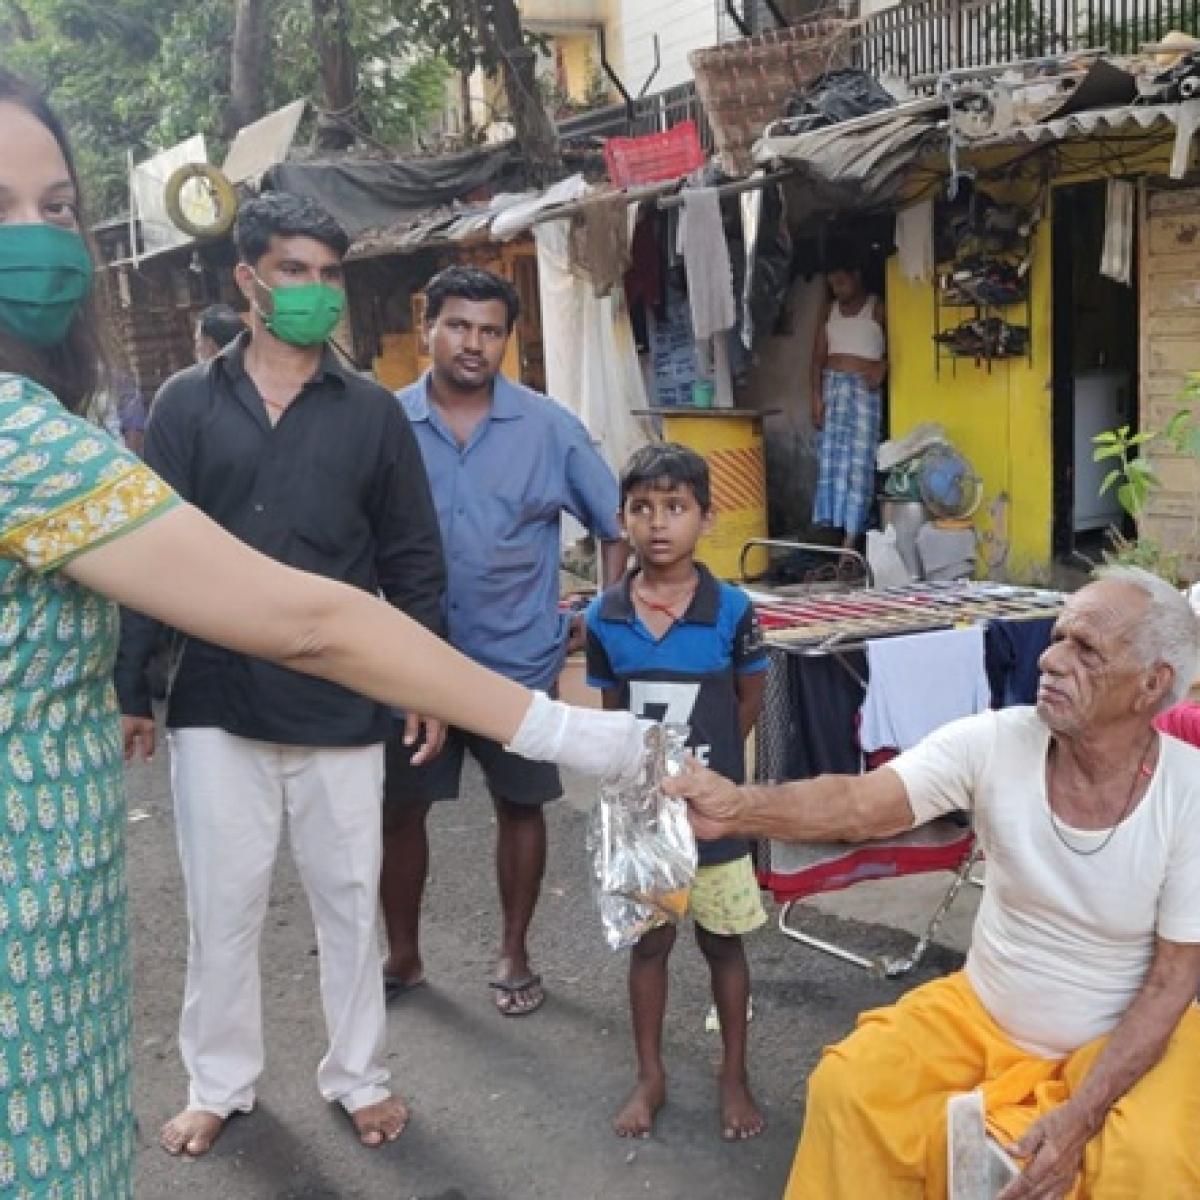 Stop tweeting, start helping: How to donate to Mumbai NGOs helping poor hit by coronavirus lockdown